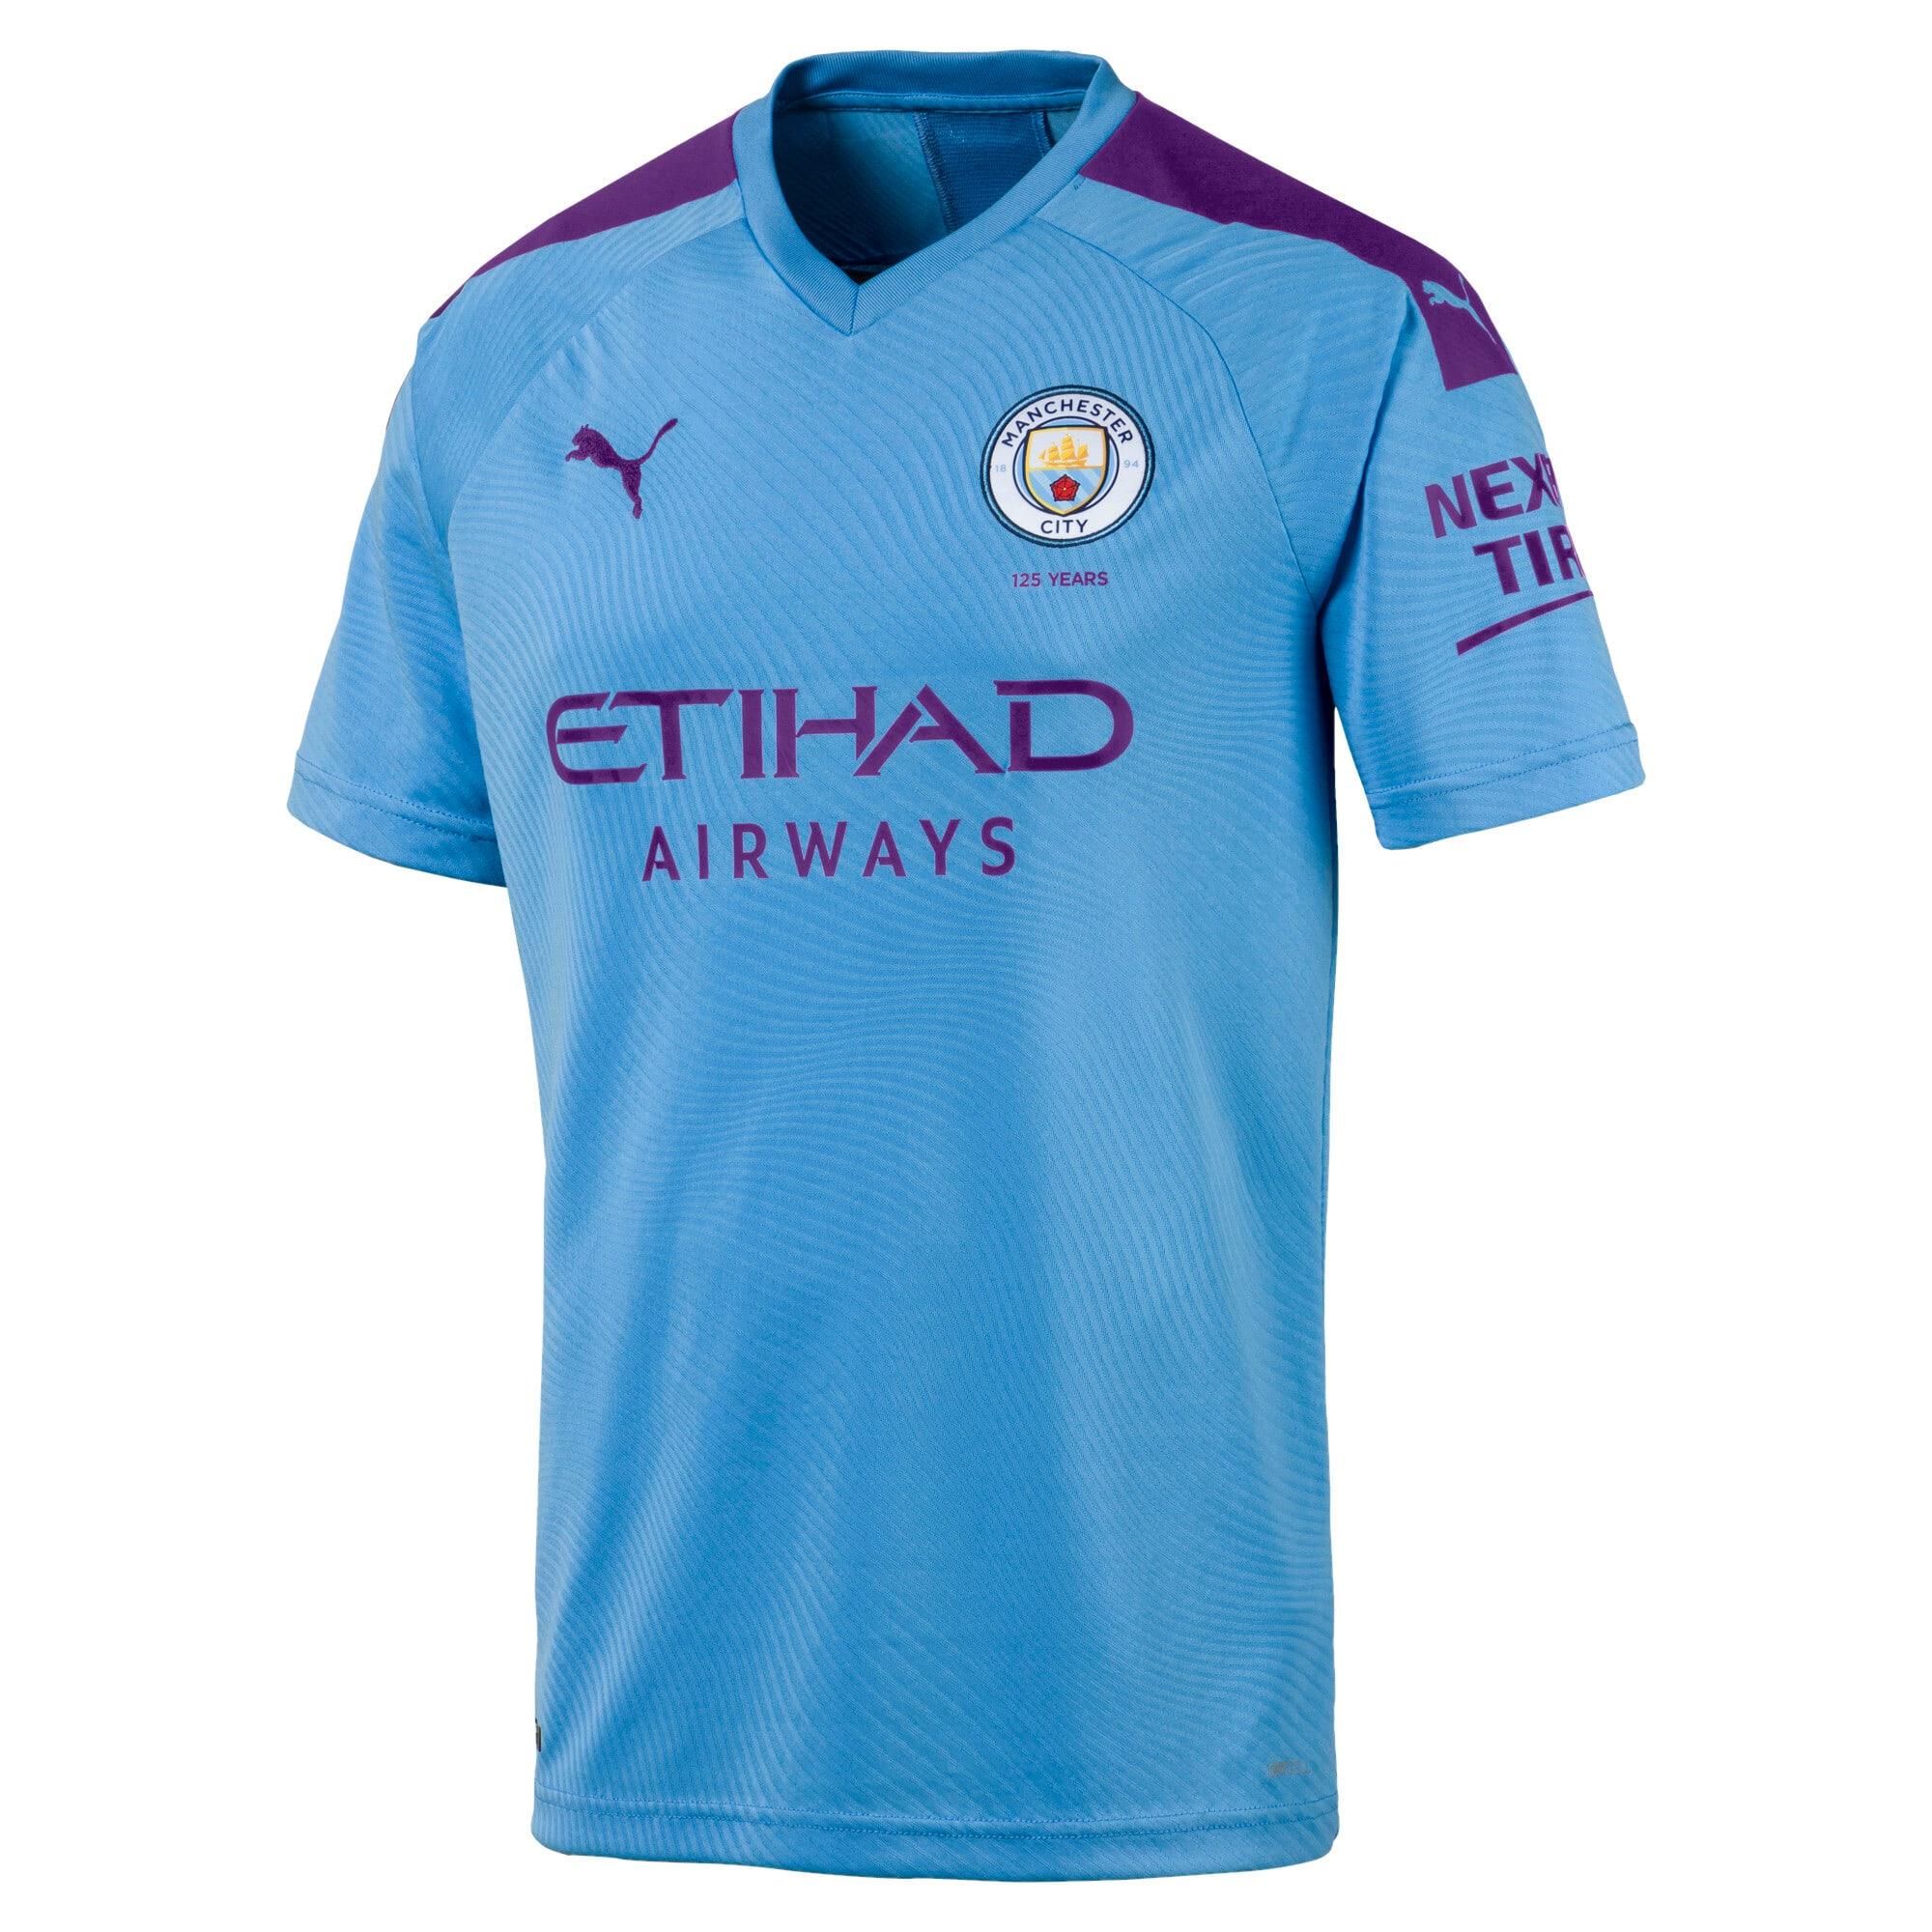 Thumbnail 1 of Manchester City Herren Replica Heimtrikot, TeamLightBlue-TillandsiaPurp, medium